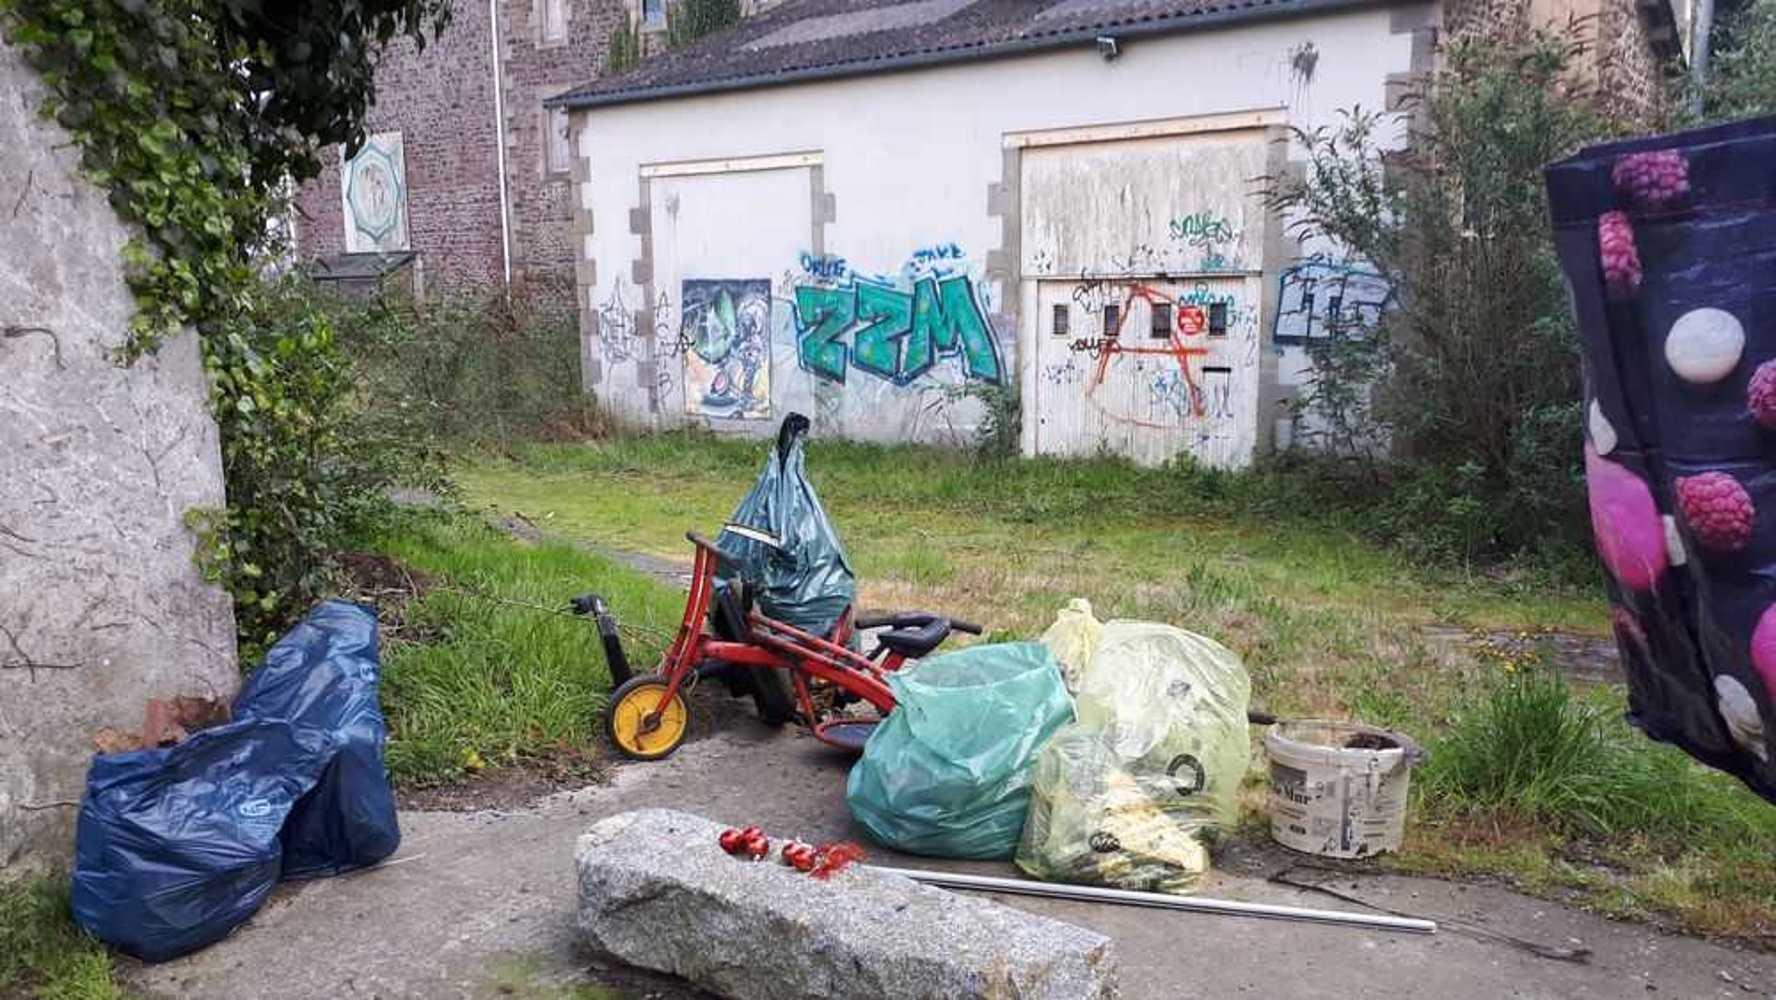 Collecte de déchets dans le quartier 20190410190335copie